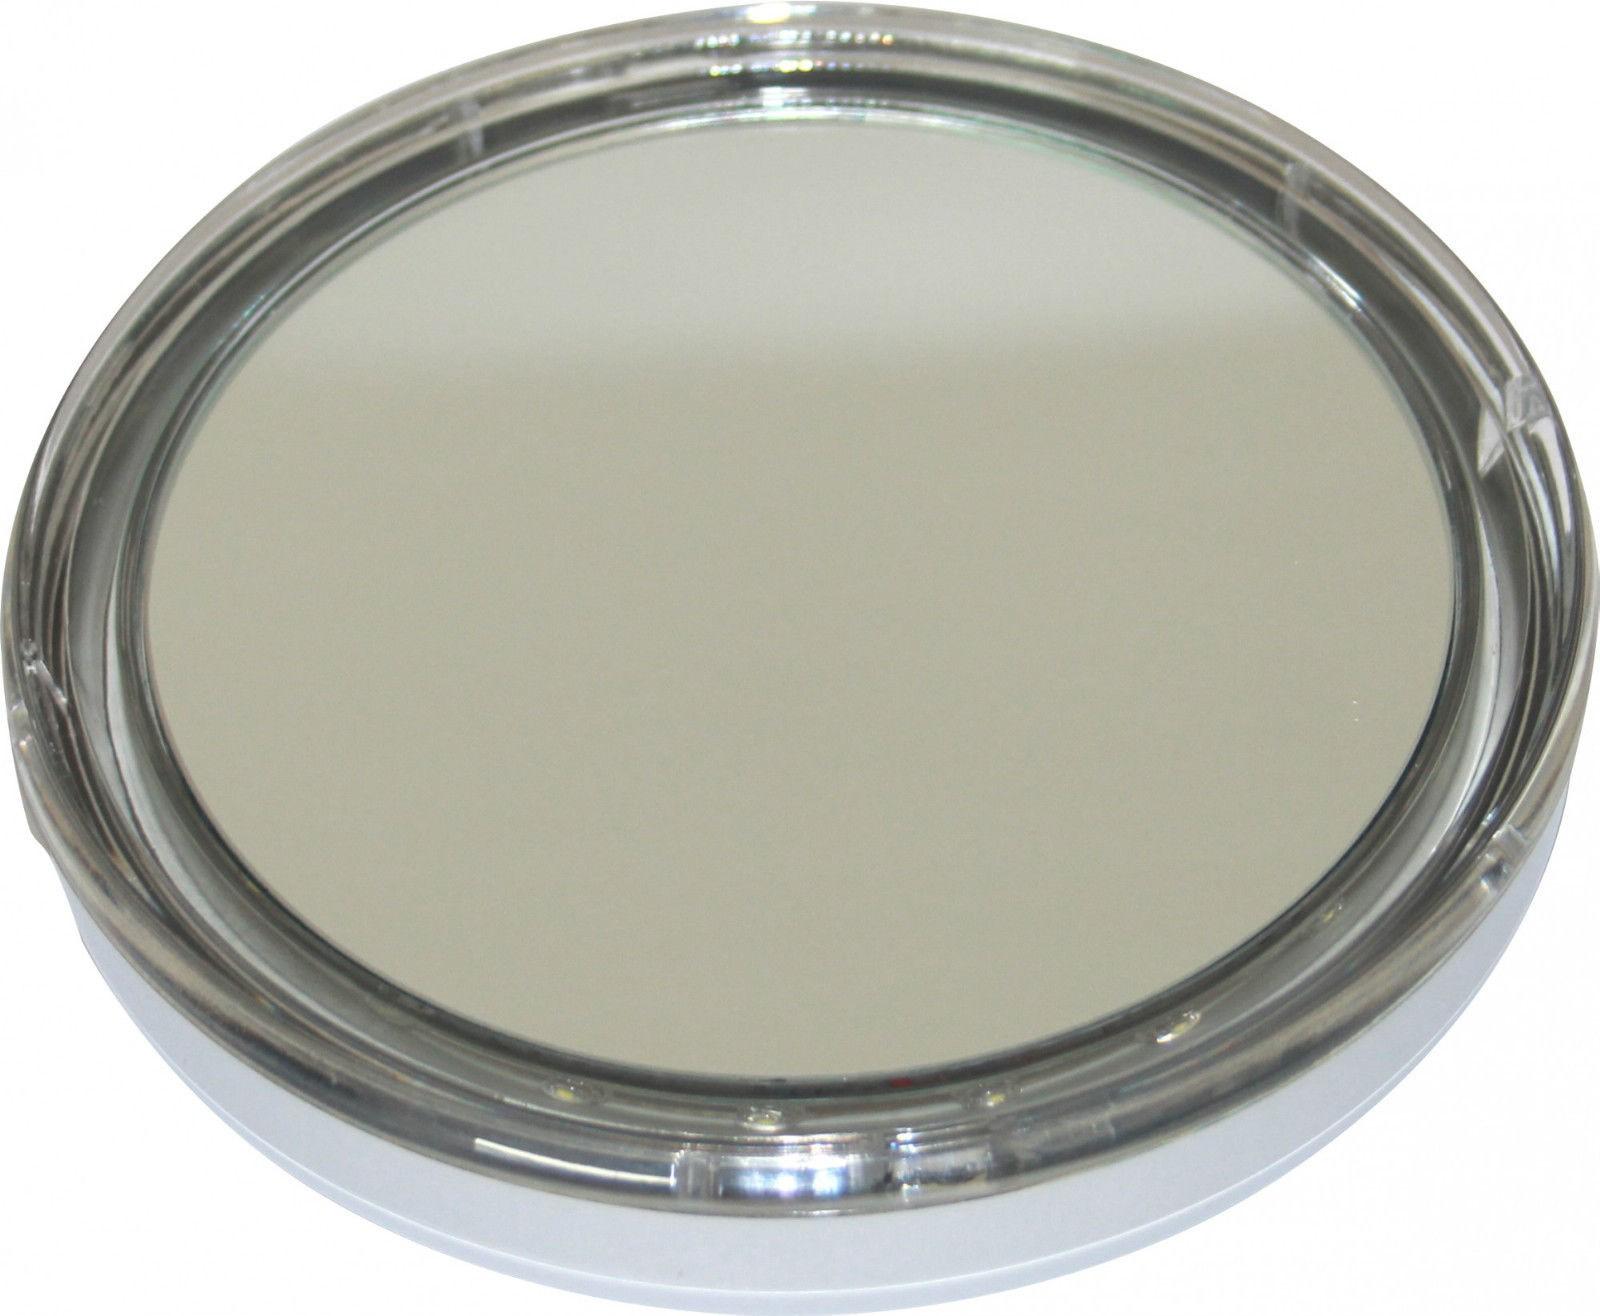 taschenspiegel beleuchteter hand kosmetikspiegel mit 5fach. Black Bedroom Furniture Sets. Home Design Ideas